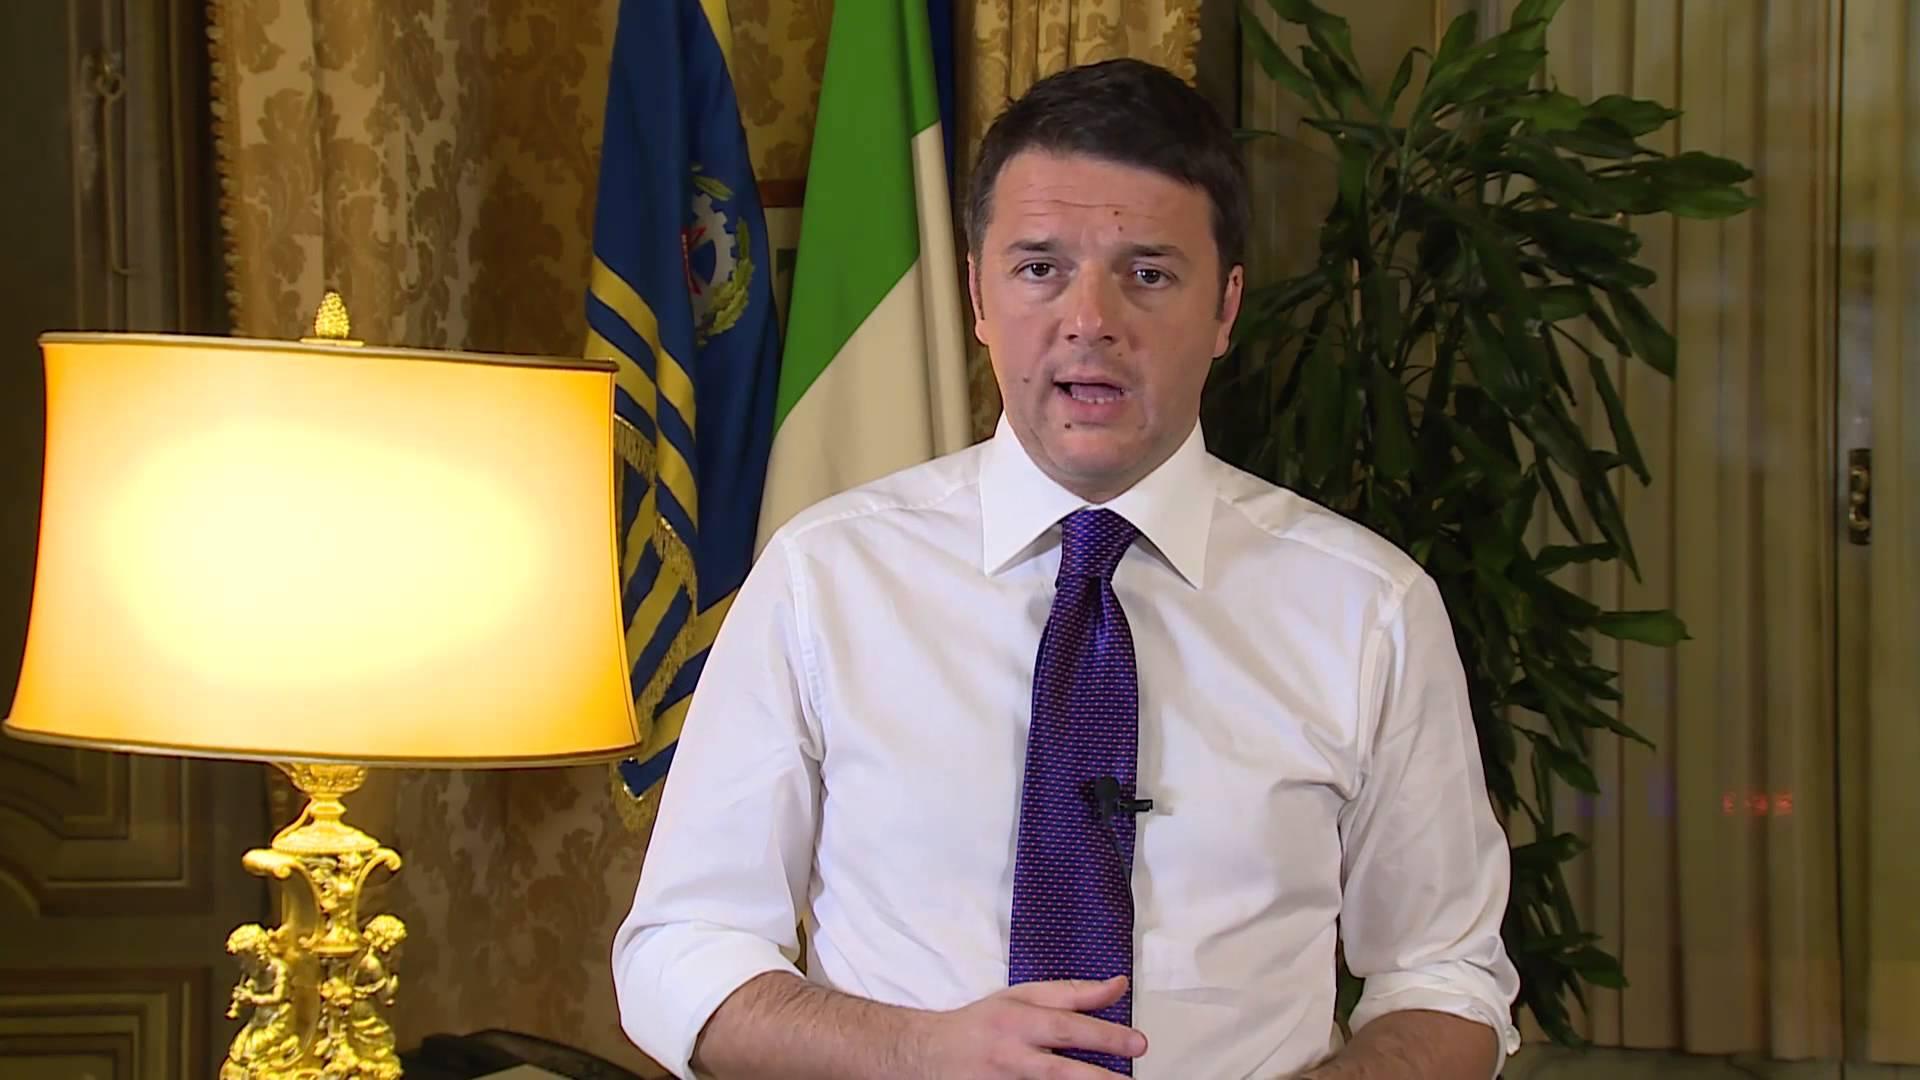 Photo of Banca Etruria, per Renzi solo strumentalizzazioni. Arezzo città meno rossa della Toscana